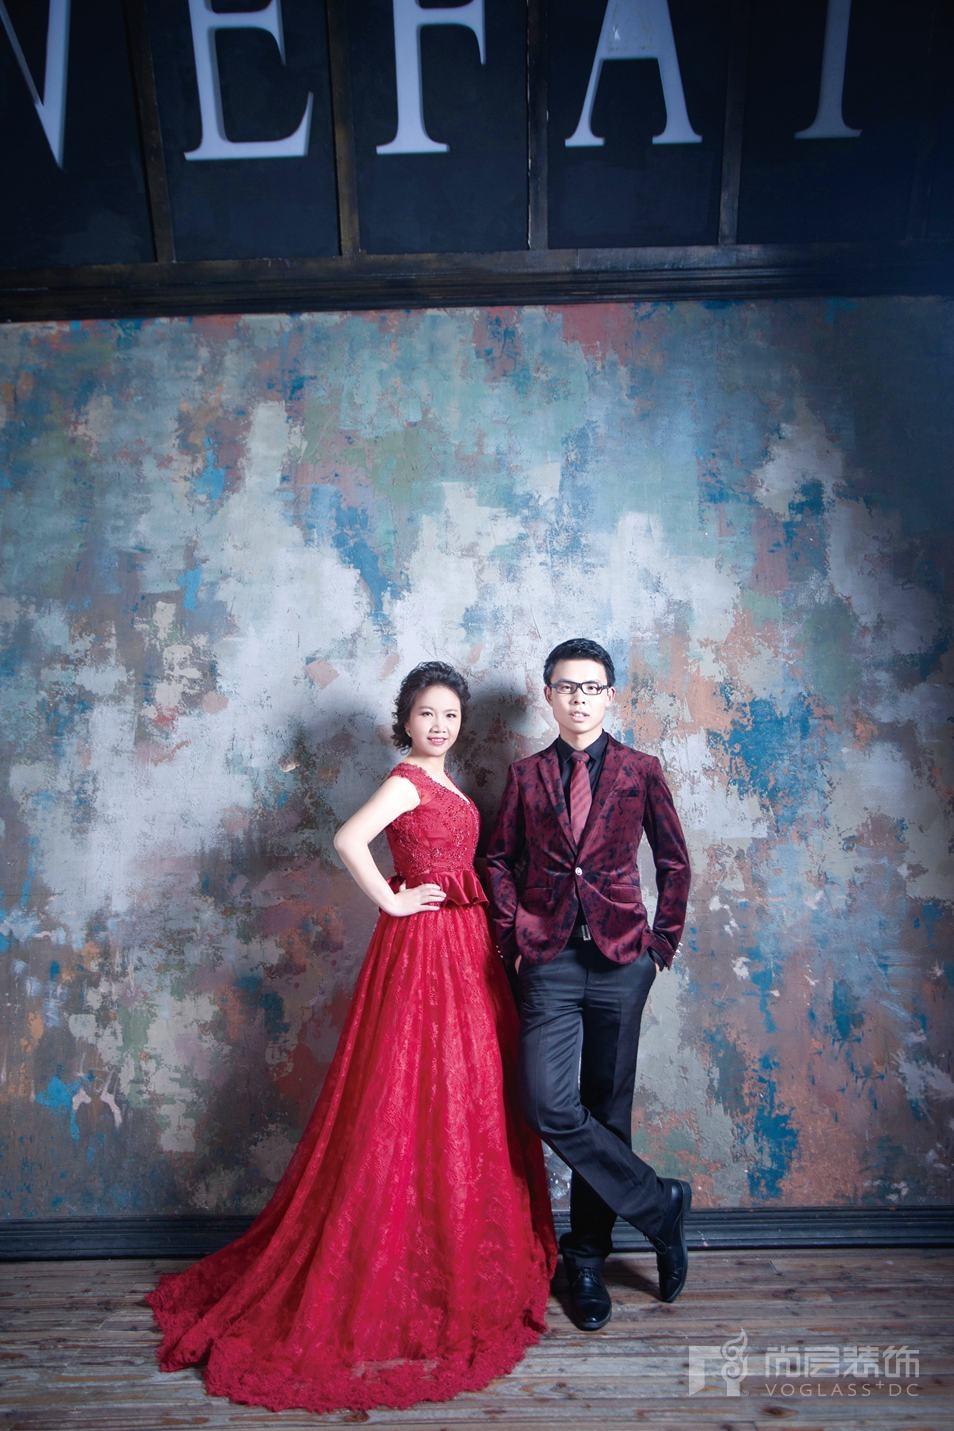 朱晓玲的婚纱照